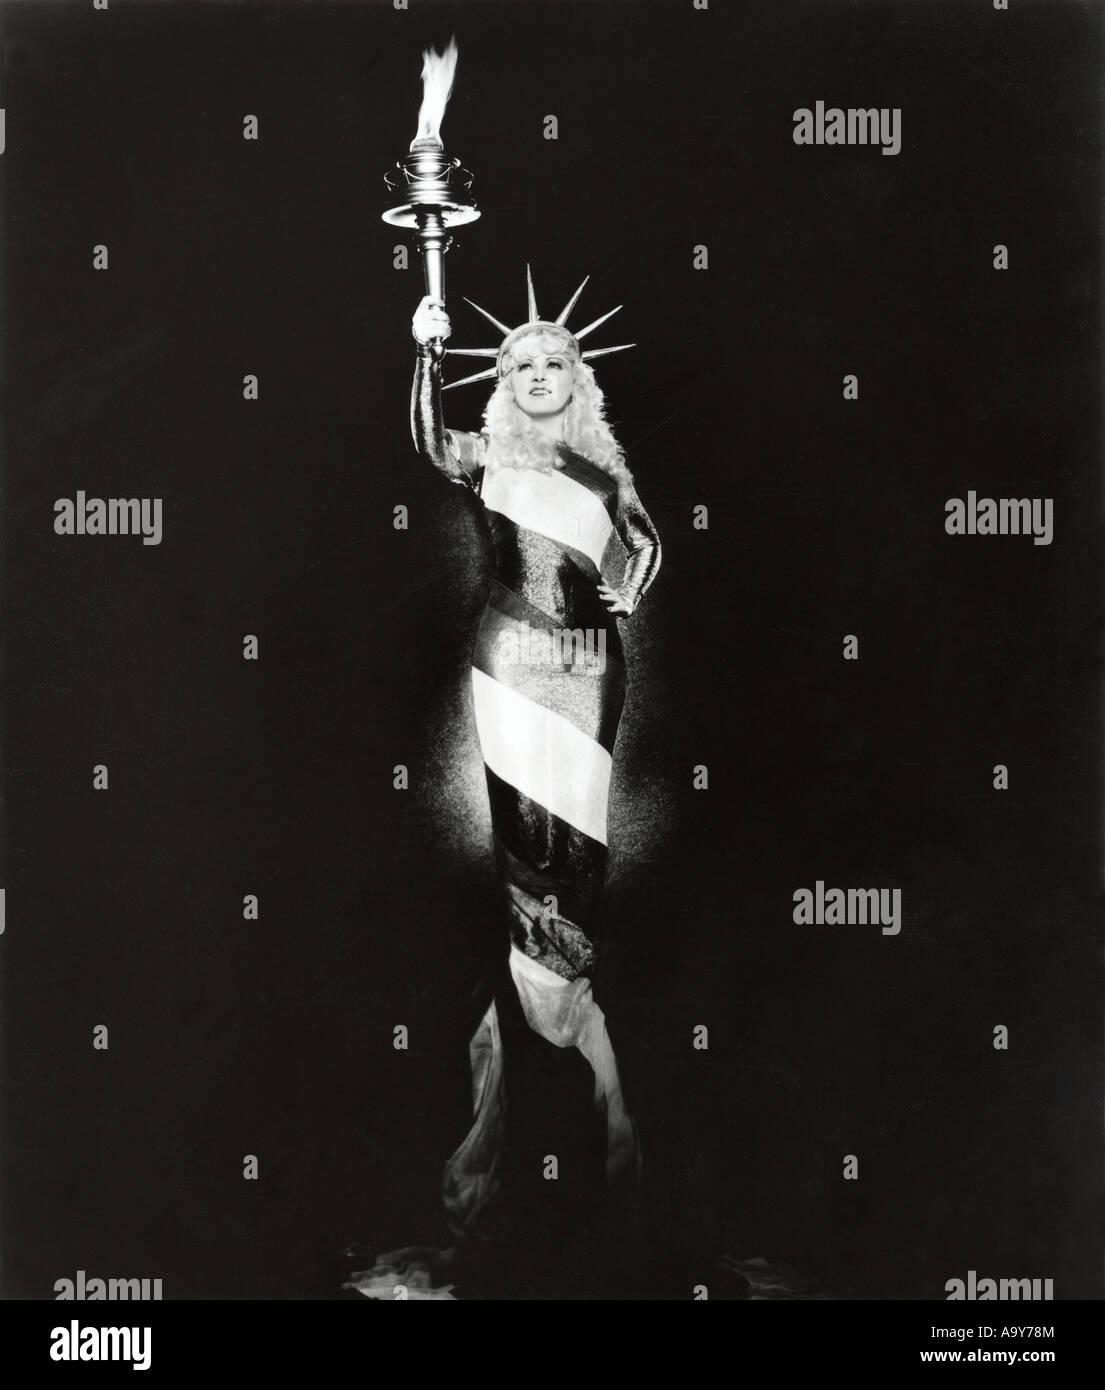 MAE WEST - USA Film Schauspielerin Psoing wie die Statue of Liberty Stockbild